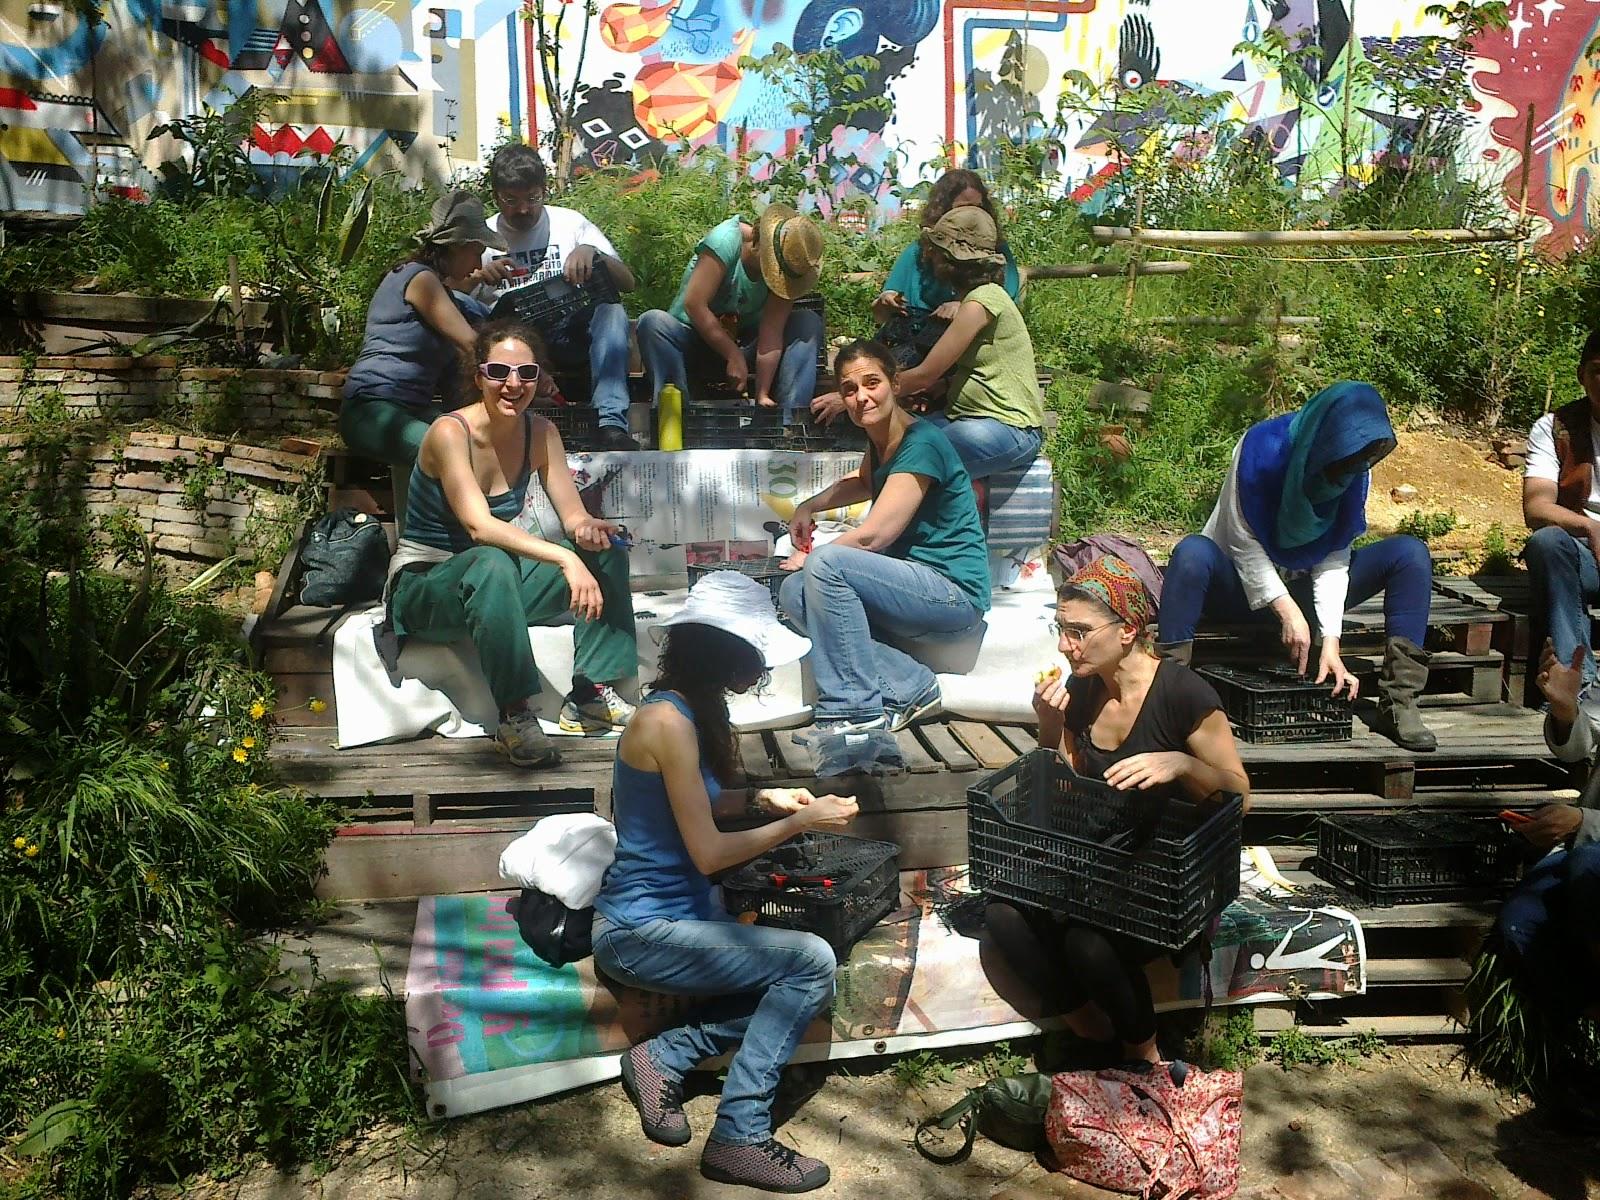 Esta es una plaza aprendiendo y construyendo un jard n for Historia de los jardines verticales